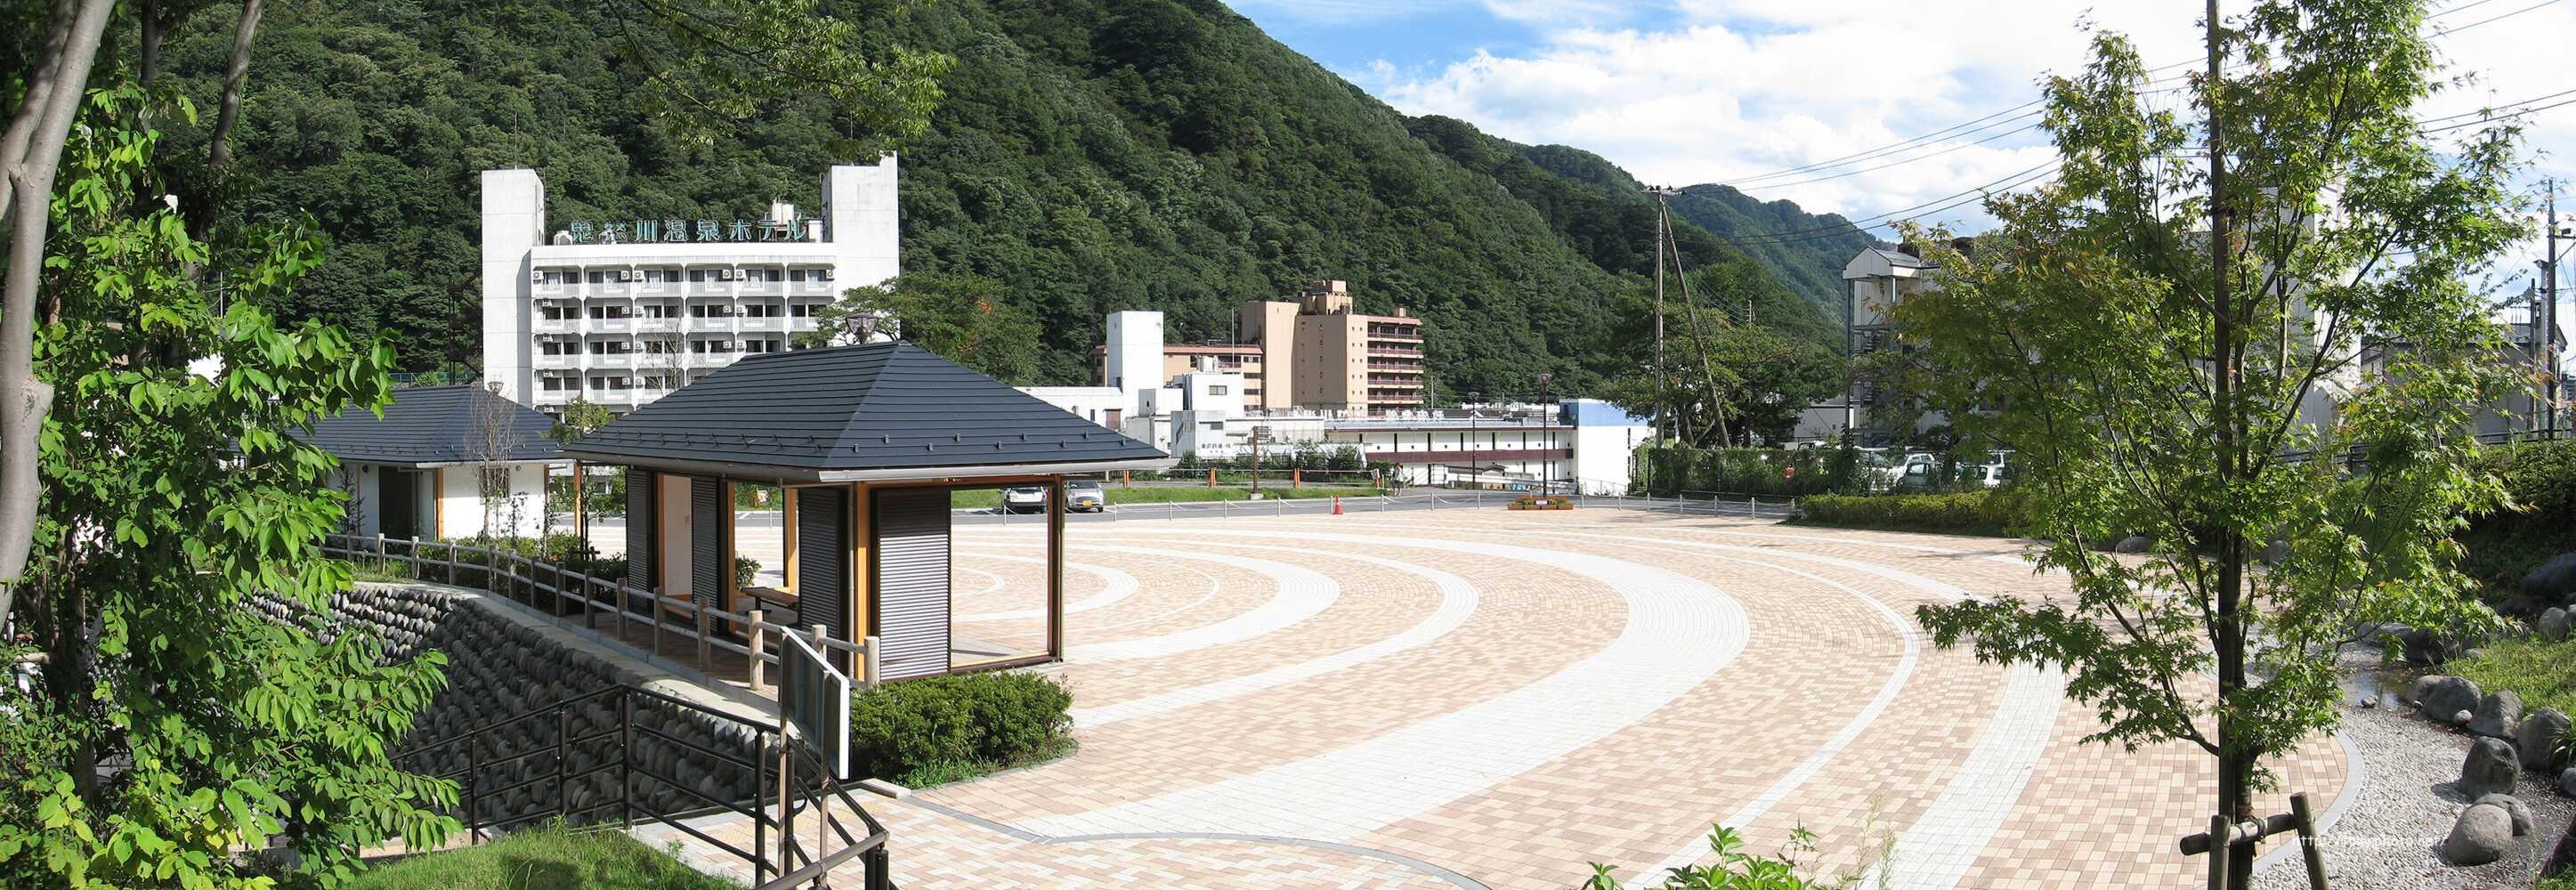 鬼怒川温泉 日光市営浴場 鬼怒川公園岩風呂 景色の写真